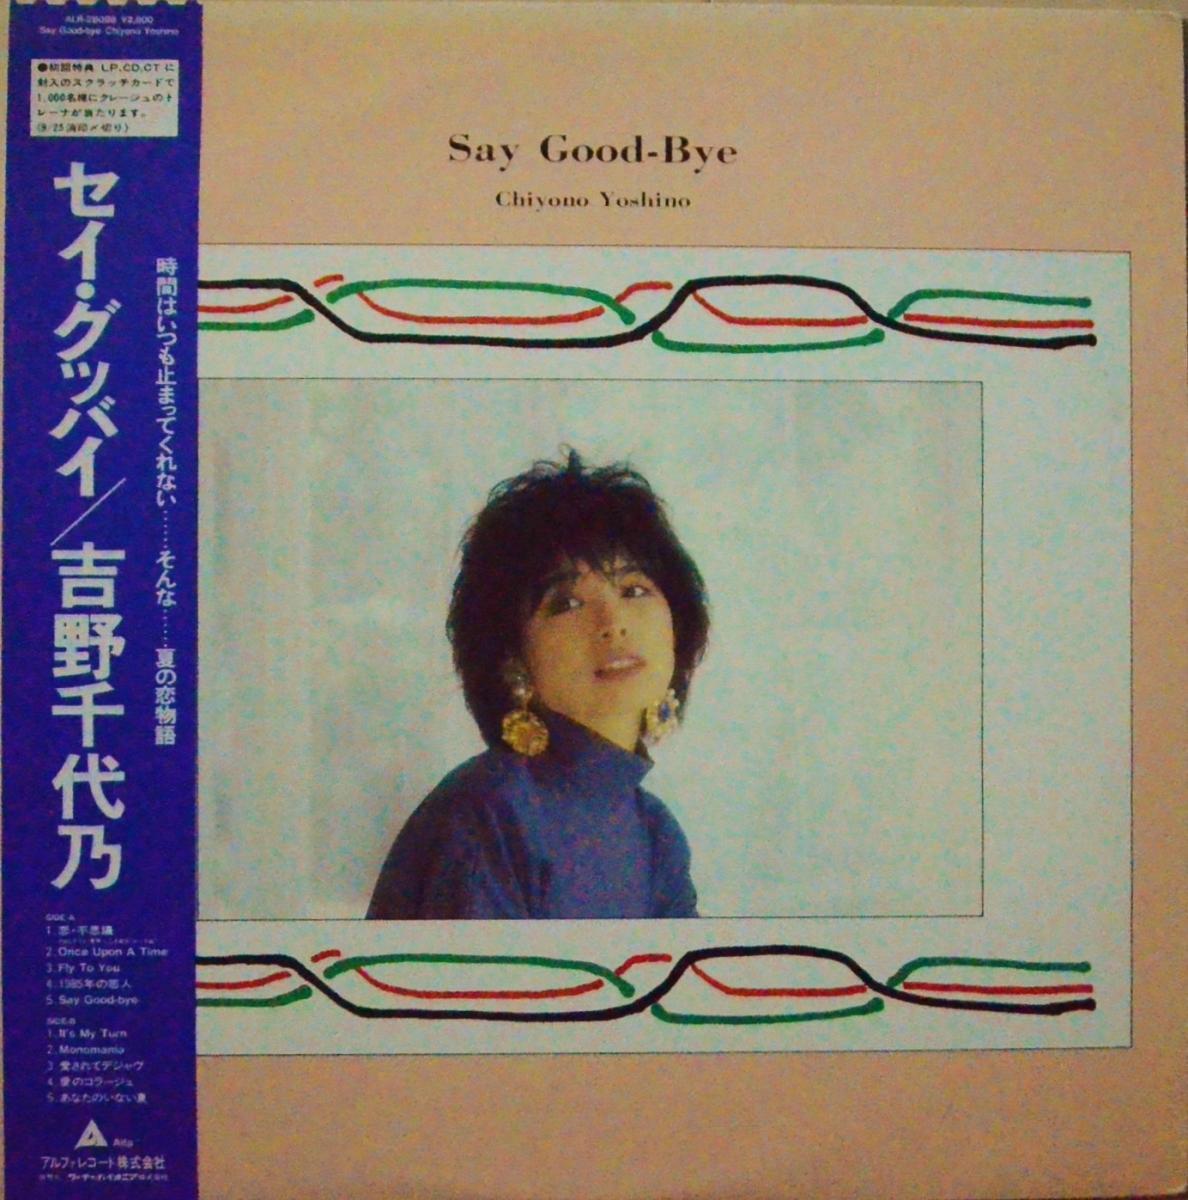 吉野千代乃 CHIYONO YOSHINO / セイ・グッバイ SAY GOOD-BYE (LP)